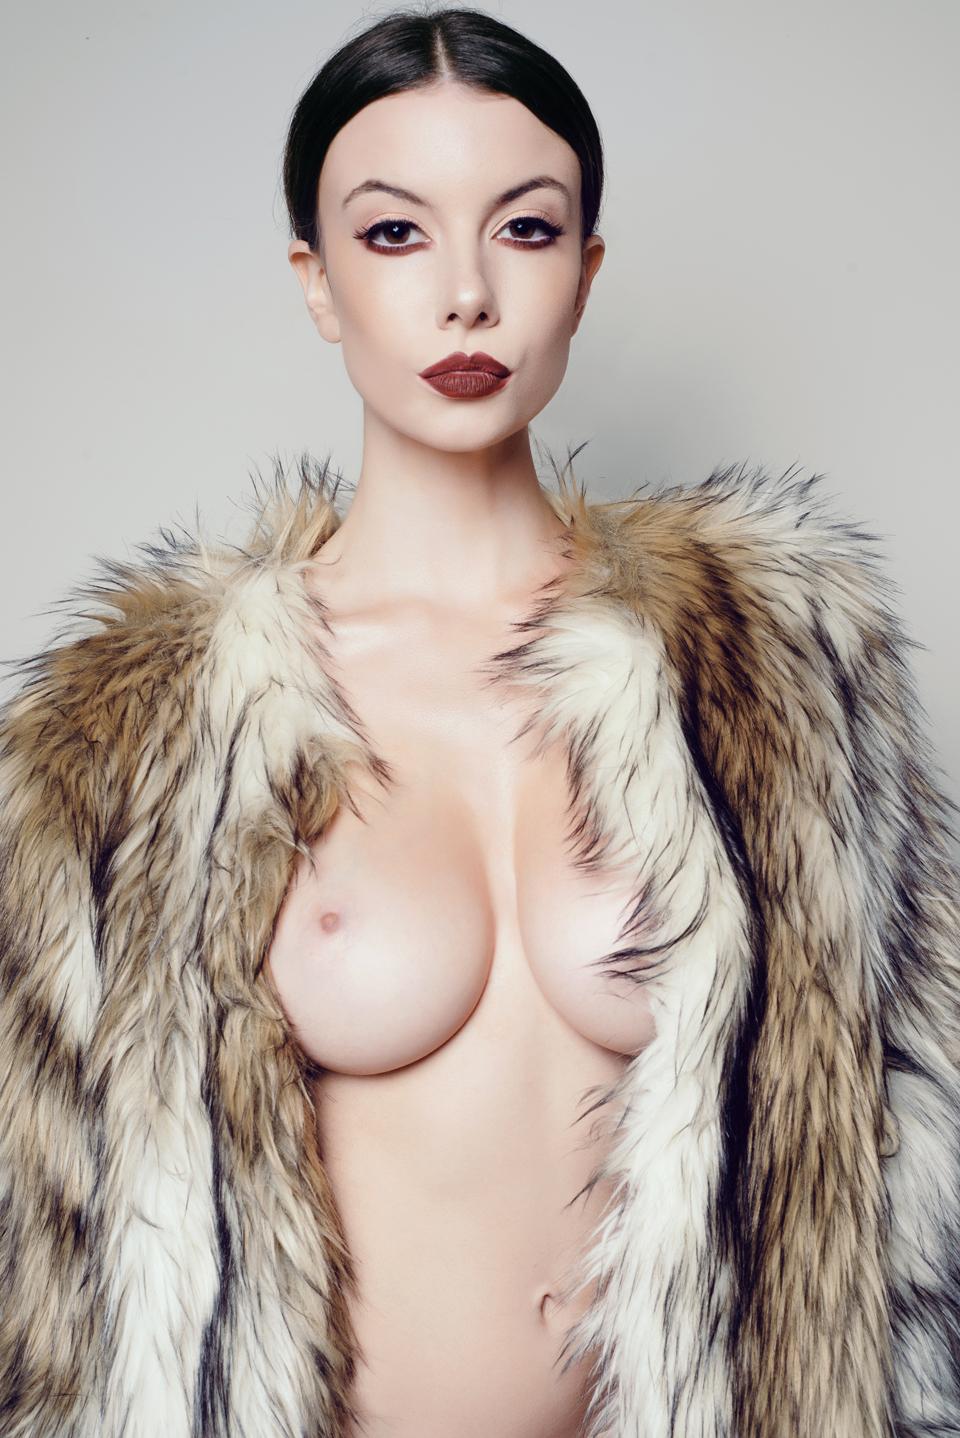 Olivia Rose – Dustin Genereux Photography (14)